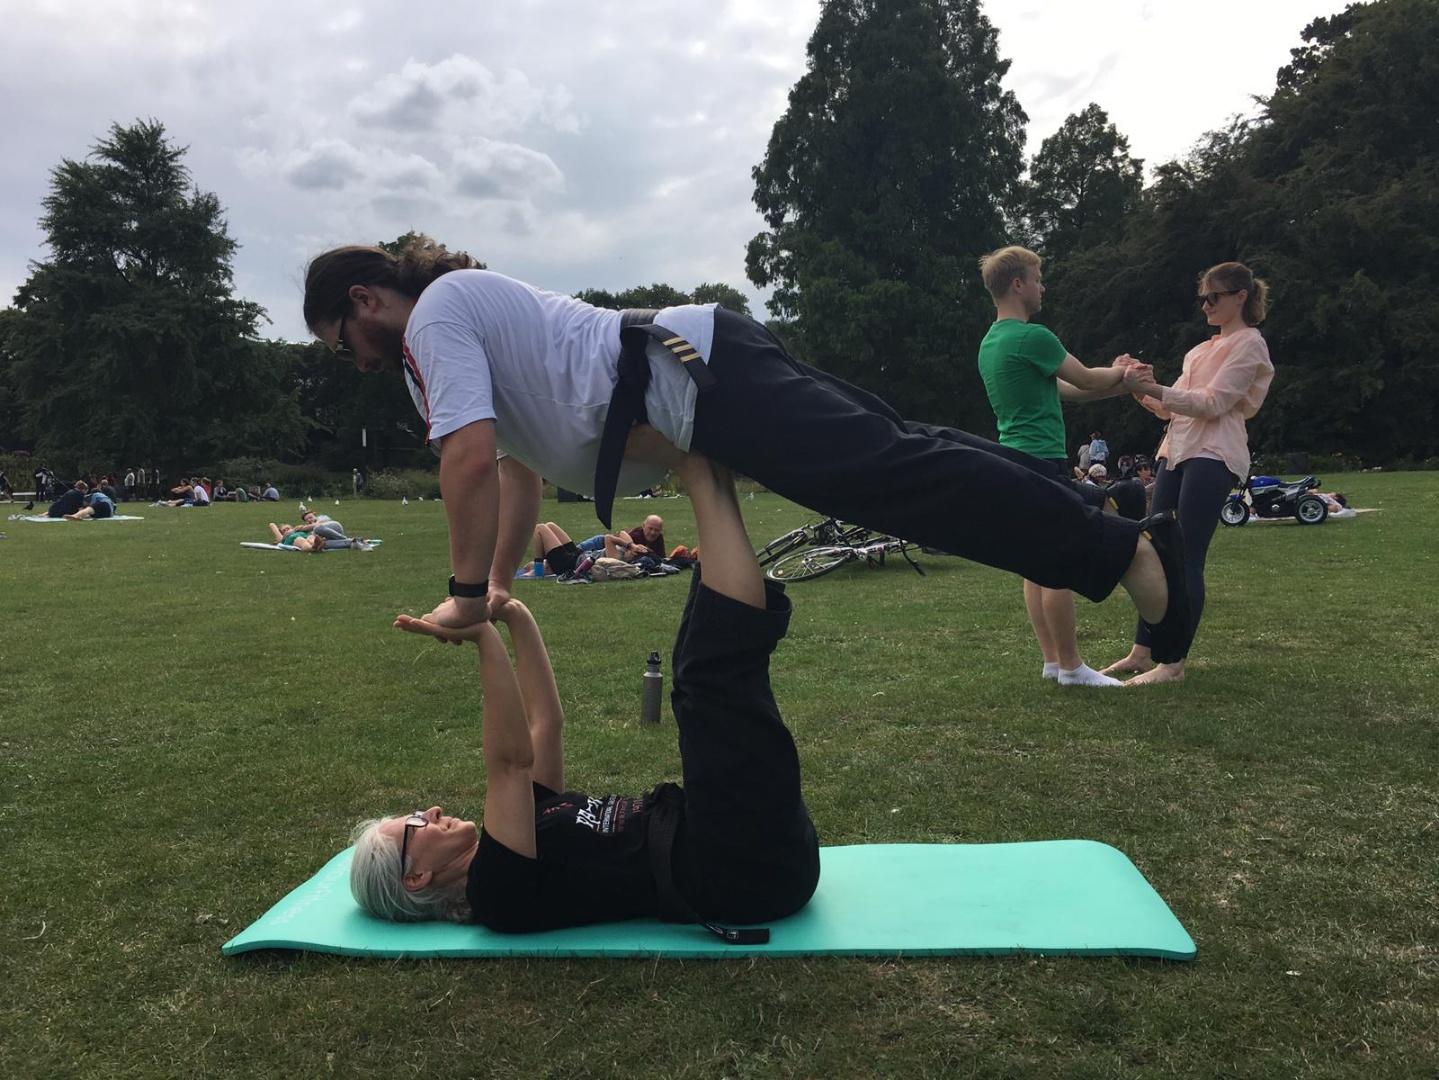 Akrobatik - ich will auch fliegen